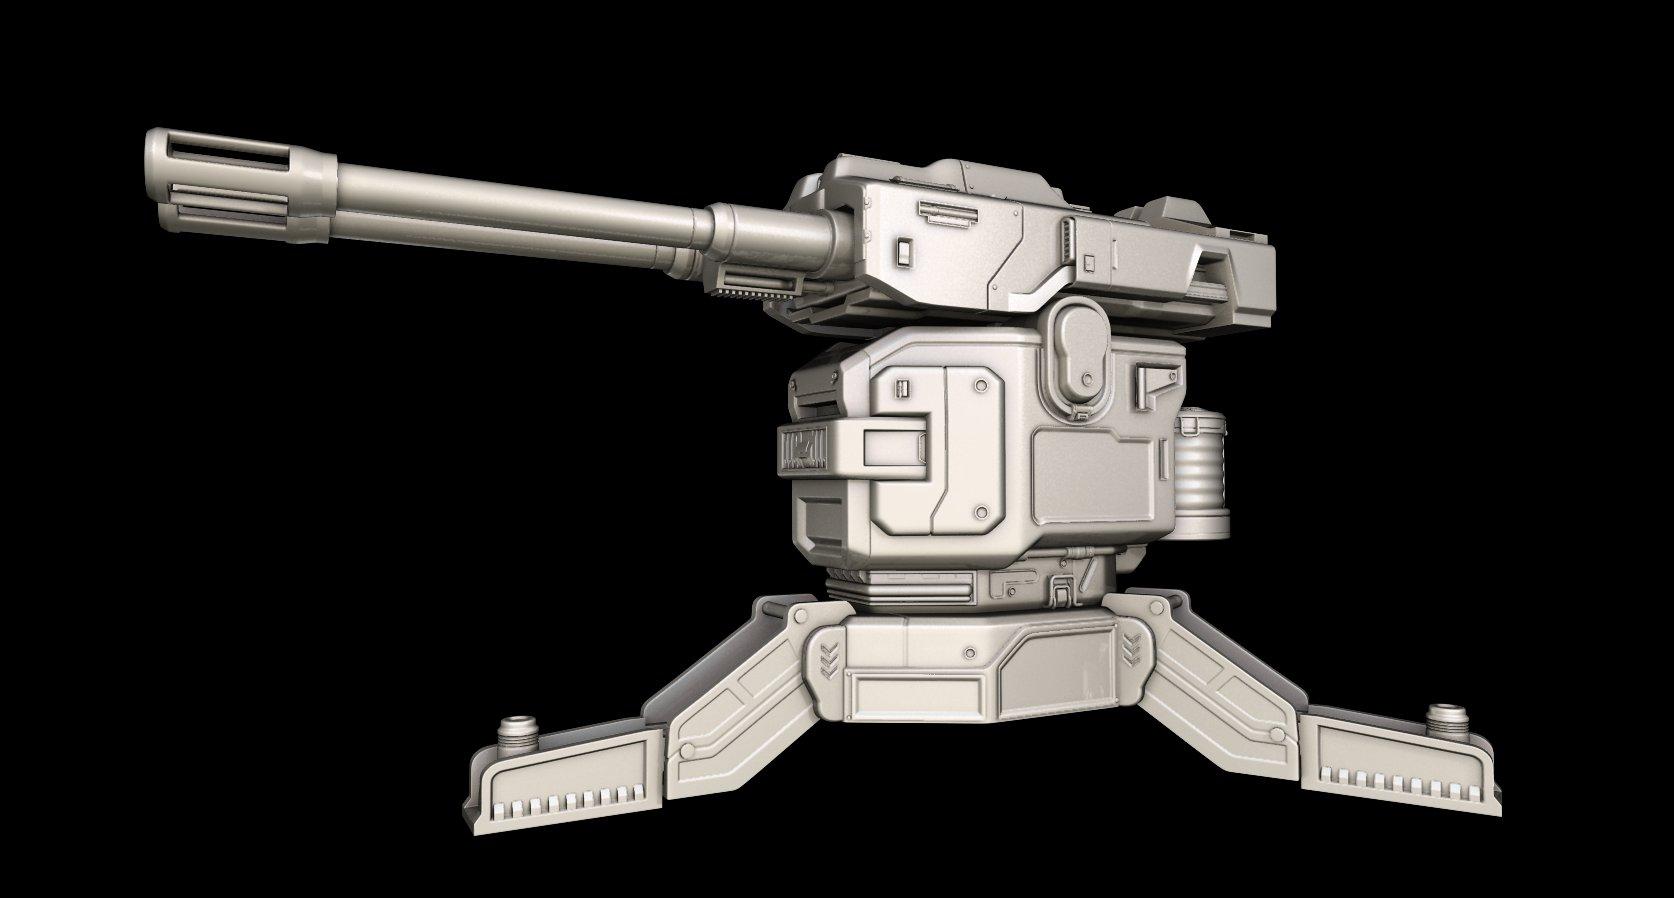 Unsc artillery render 01